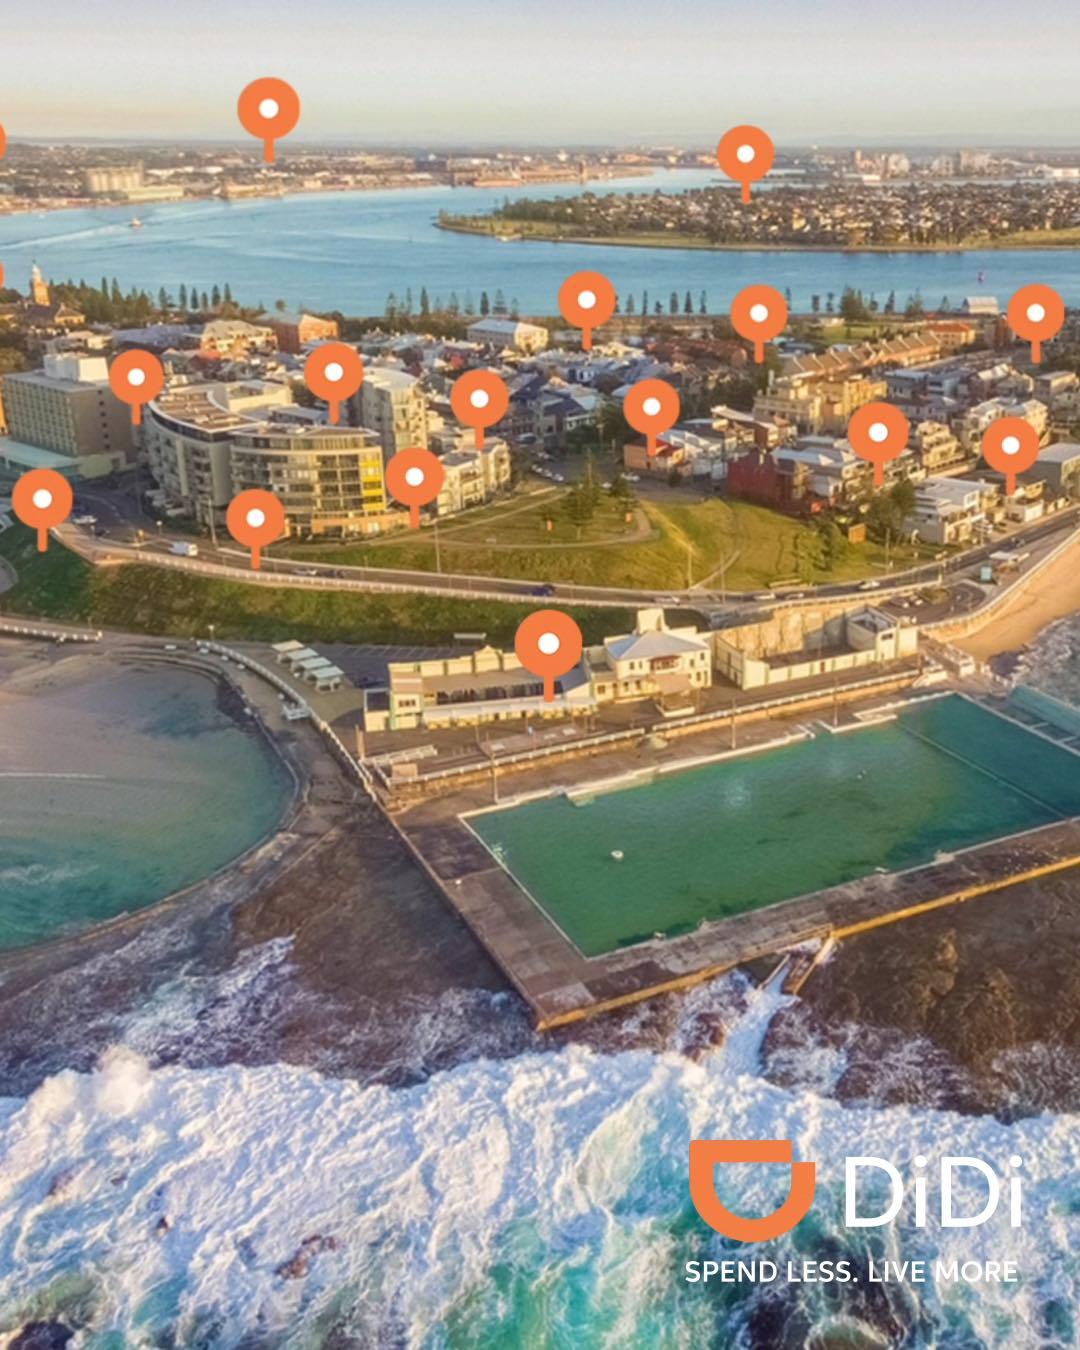 DiDi / Sydney launch